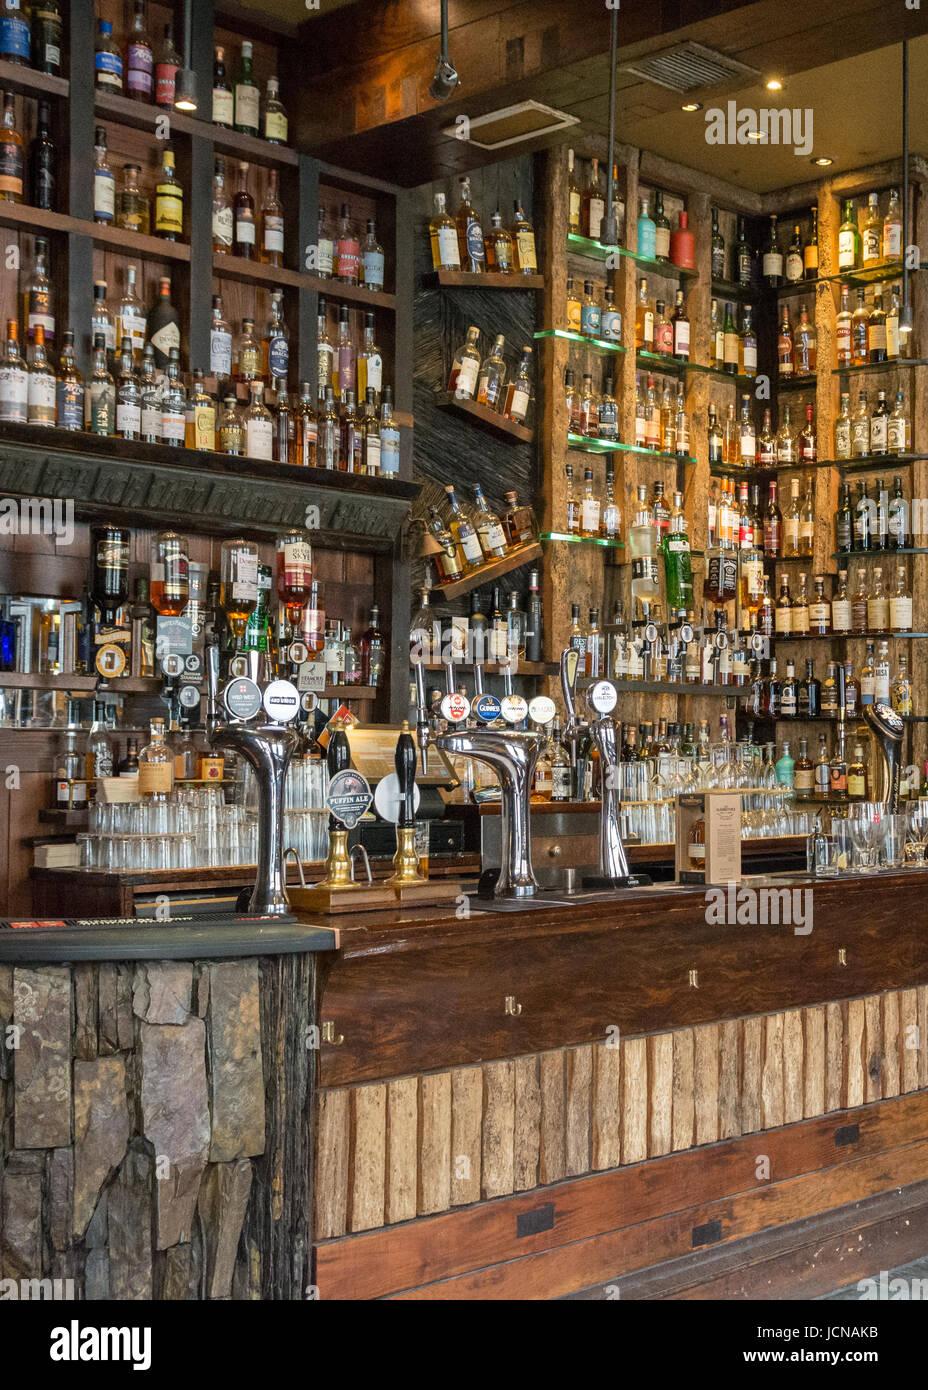 Le Ben Nevis, pub, bière et whisky bar, rue Argyle, Finnieston, Glasgow, Écosse, Royaume-Uni Photo Stock